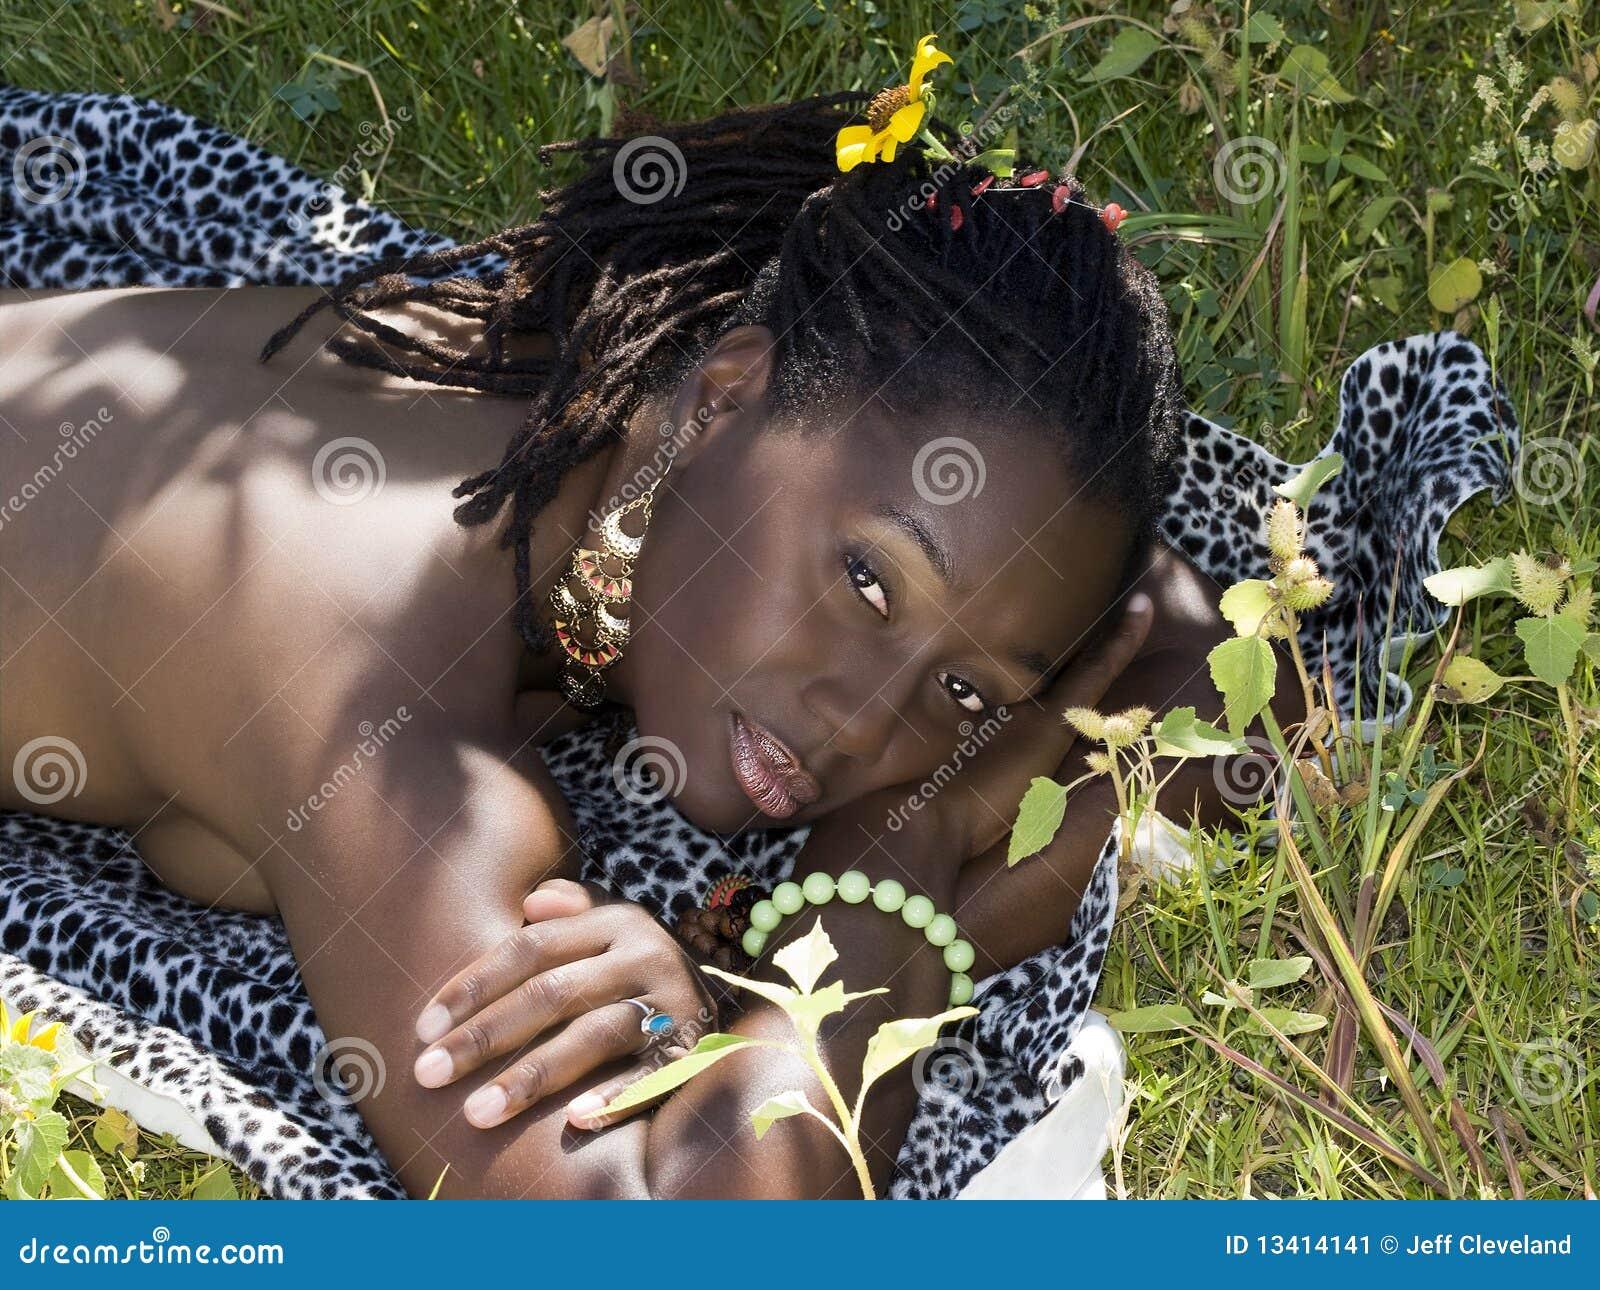 Femme Nue En Exterieur première femme de couleur nue à l'extérieur sur l'estomac image